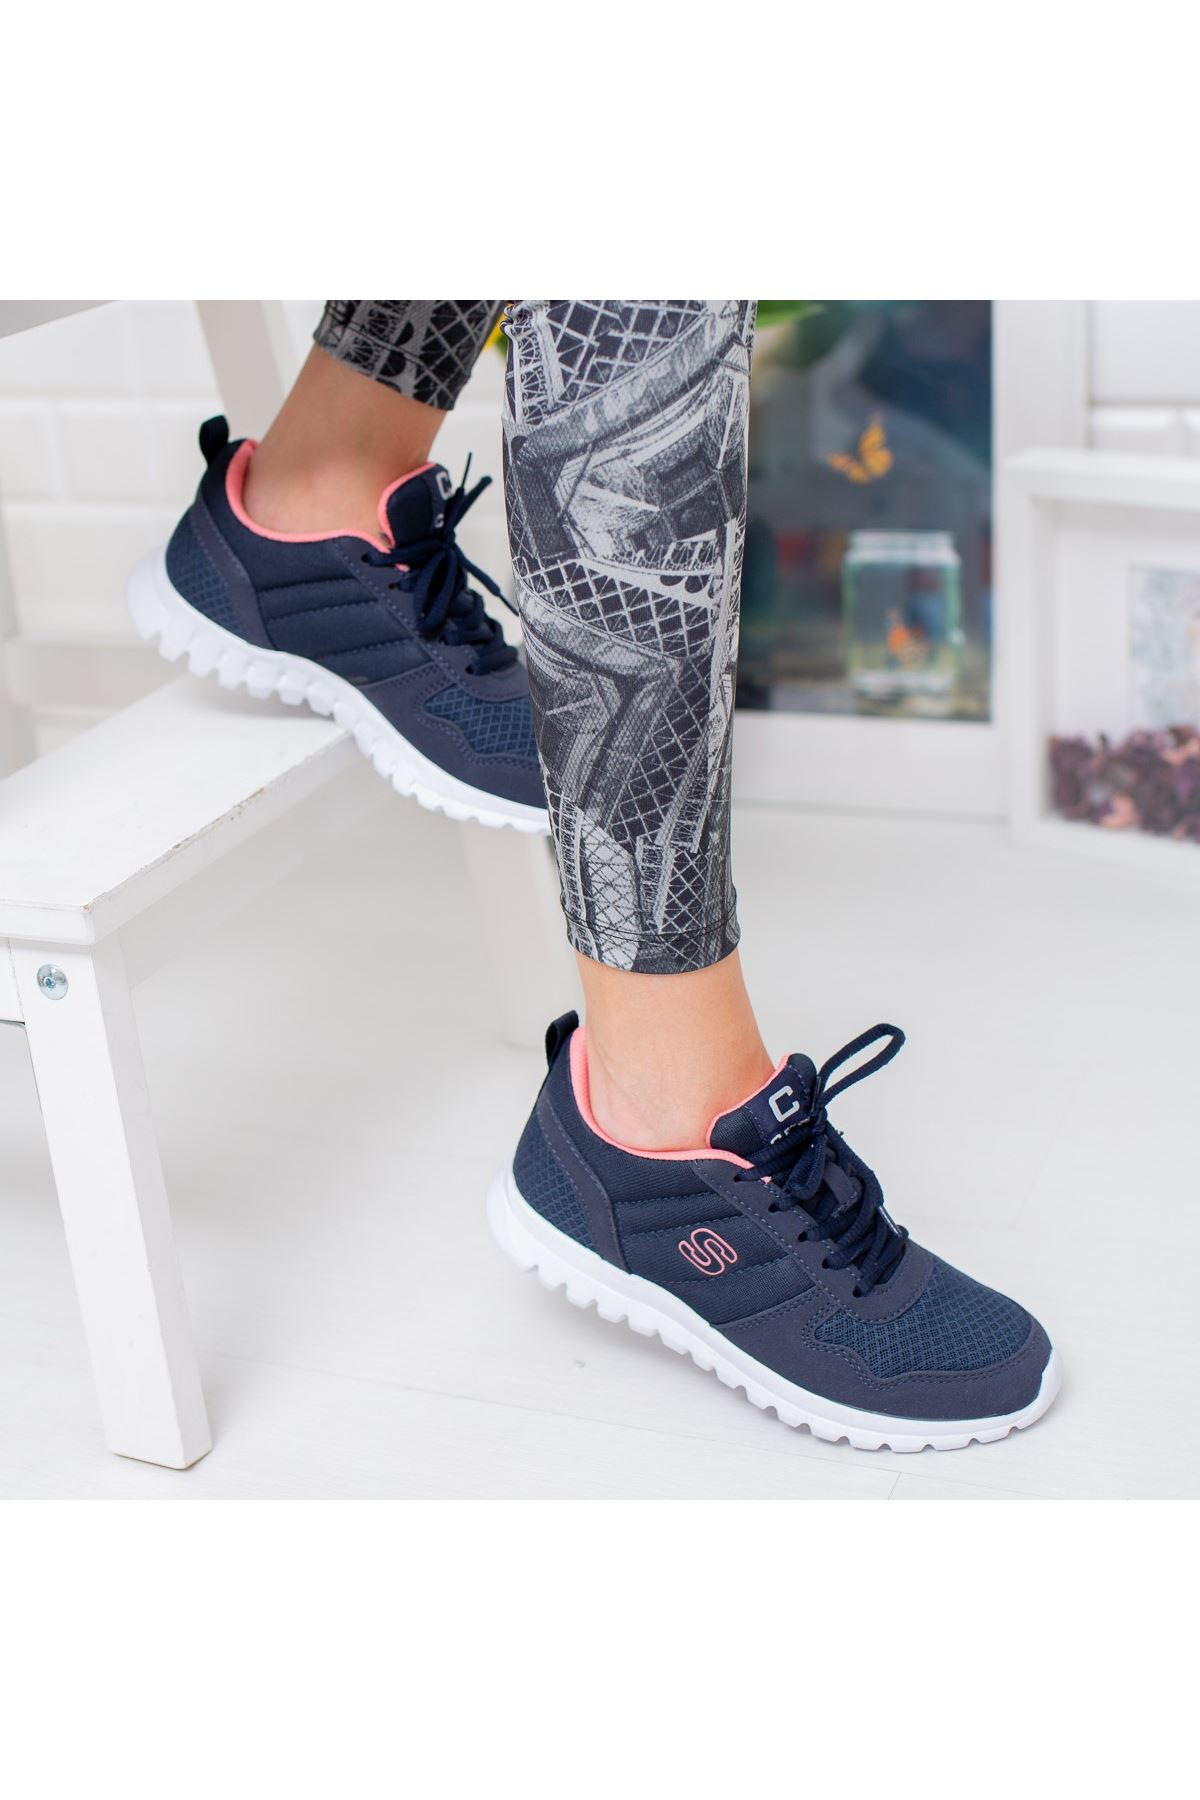 Stilo Lacivert Ortapedik Bağcık Detaylı Spor Ayakkabı